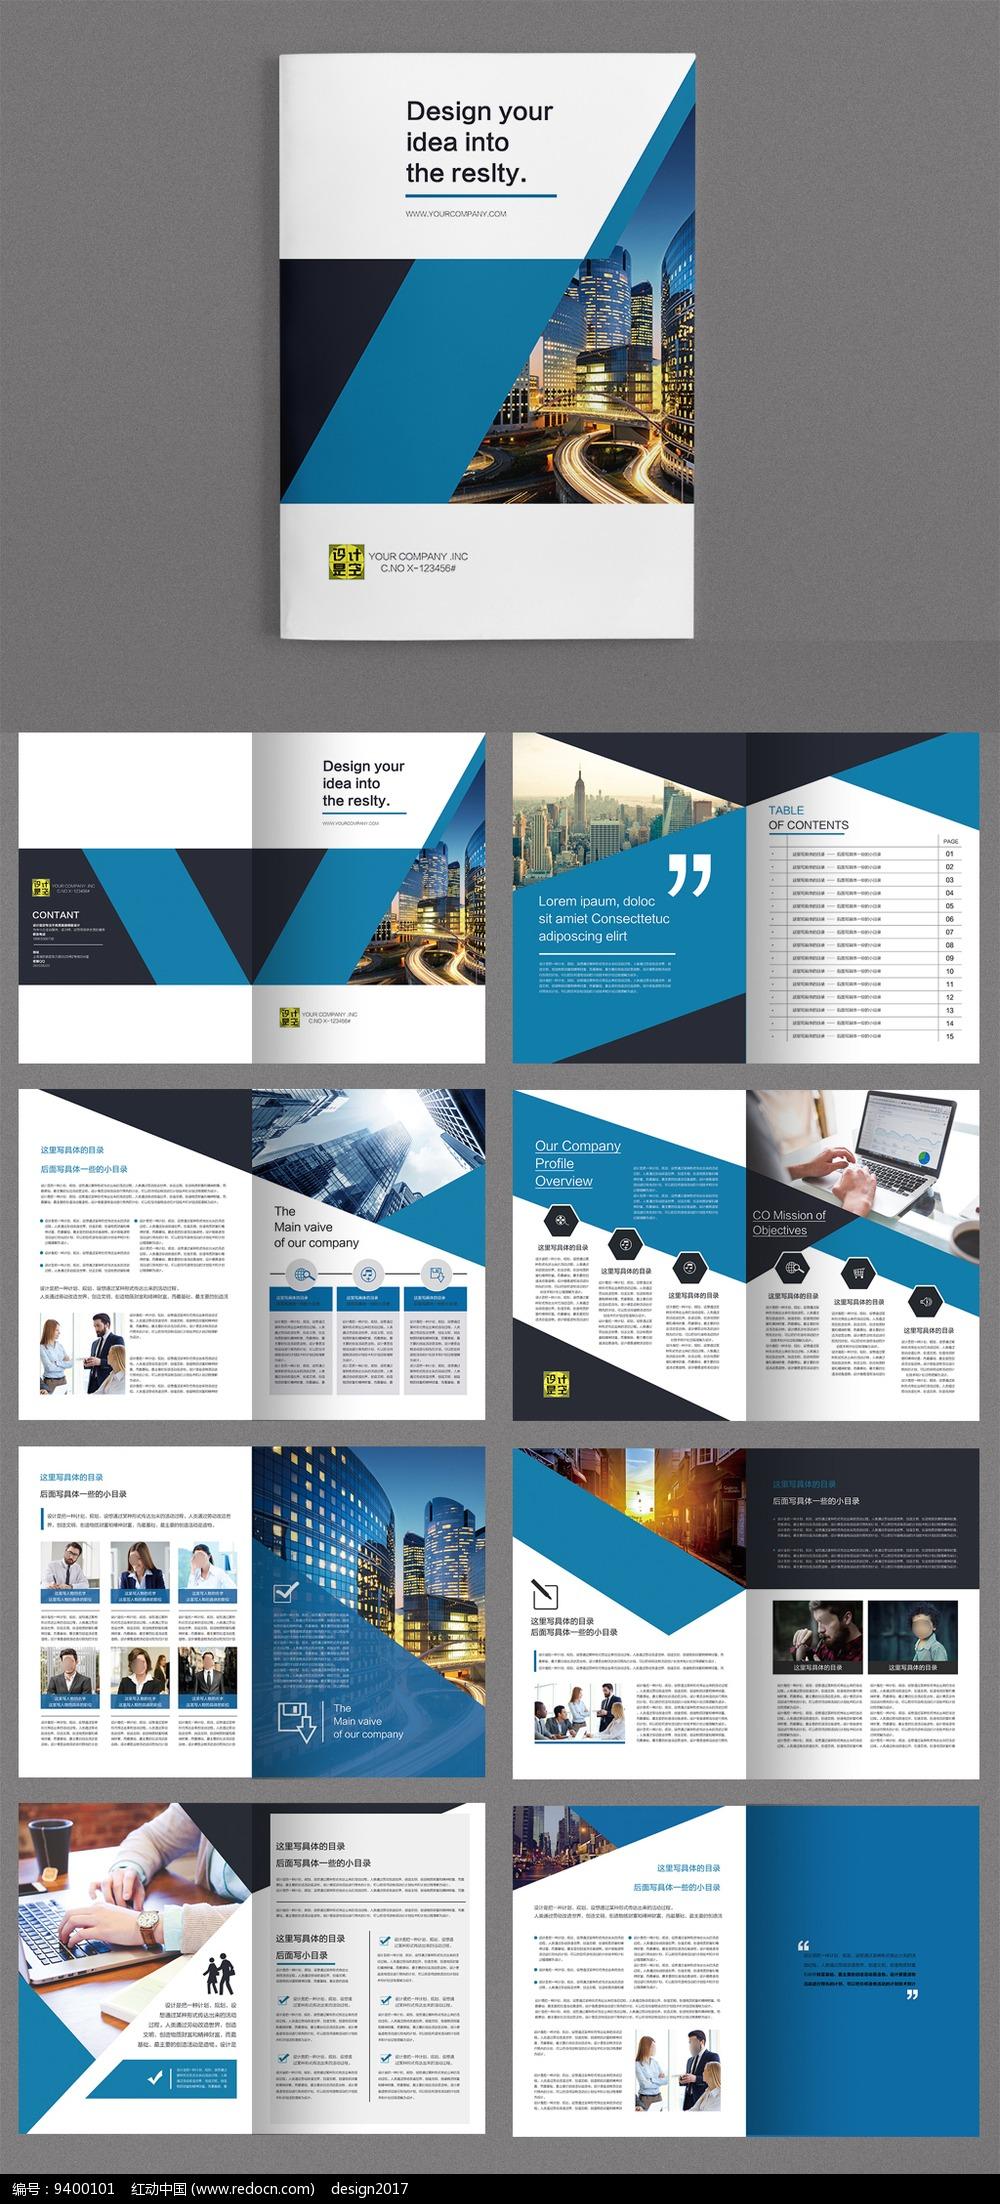 简约时尚蓝色商务企业宣传画册设计整套素材图片